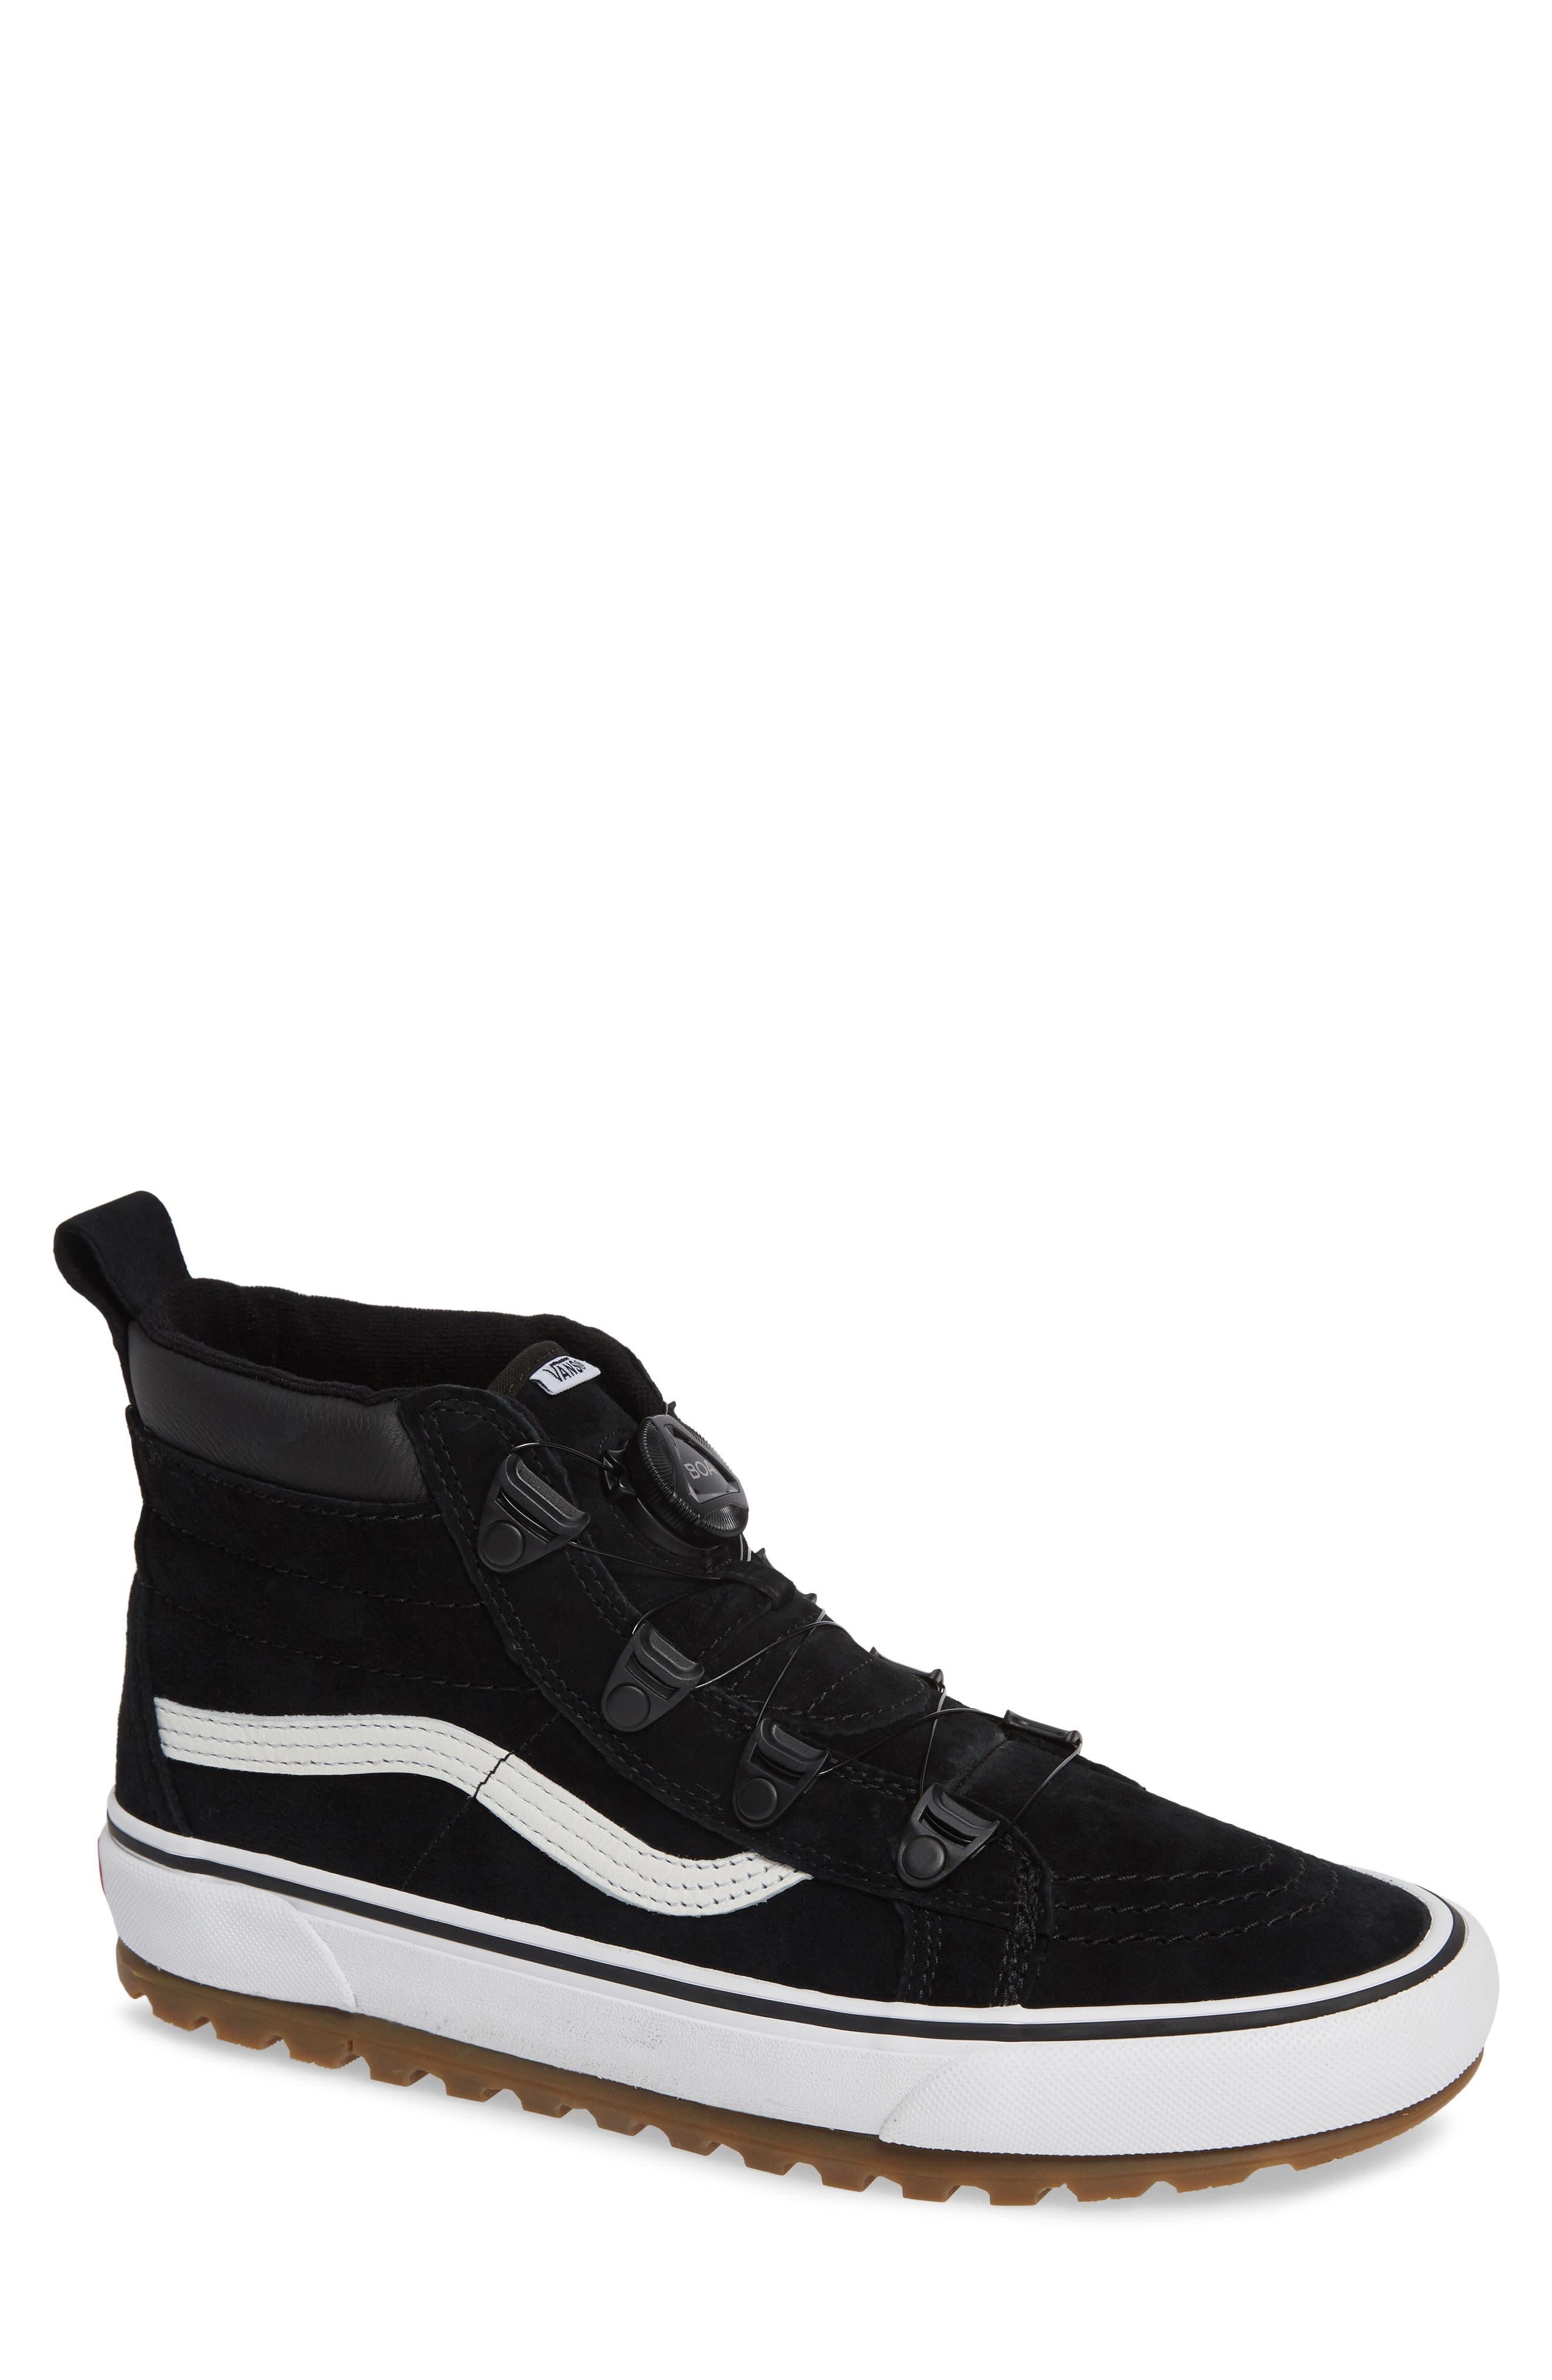 Sk8-Hi MTE Boa Sneaker,                             Main thumbnail 1, color,                             001